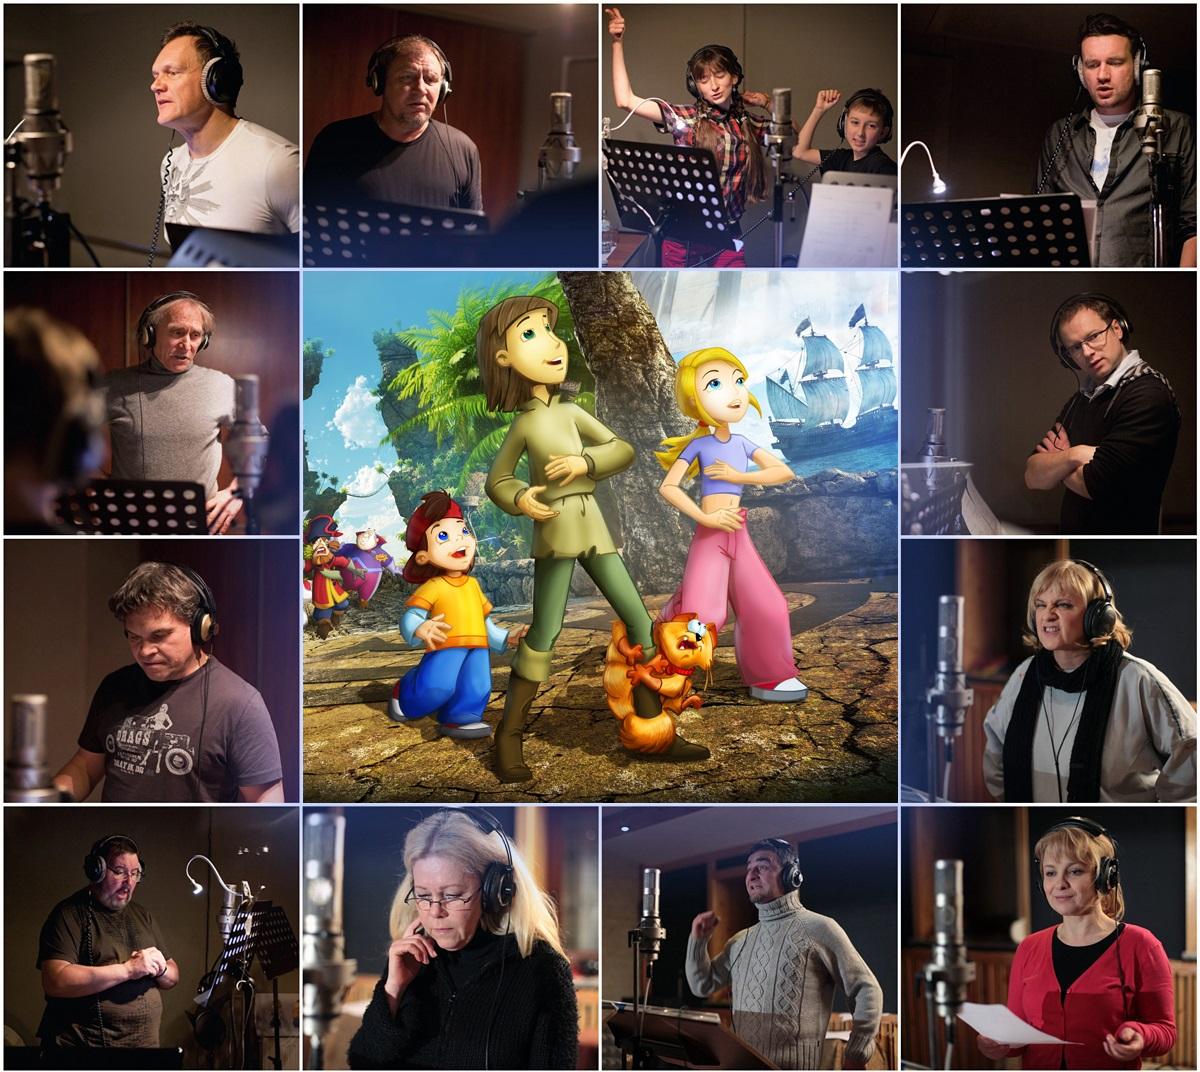 Przepiękna polska animacja zdobyła międzynarodowe uznanie. Zobacz, jak połączono 2D i 3D